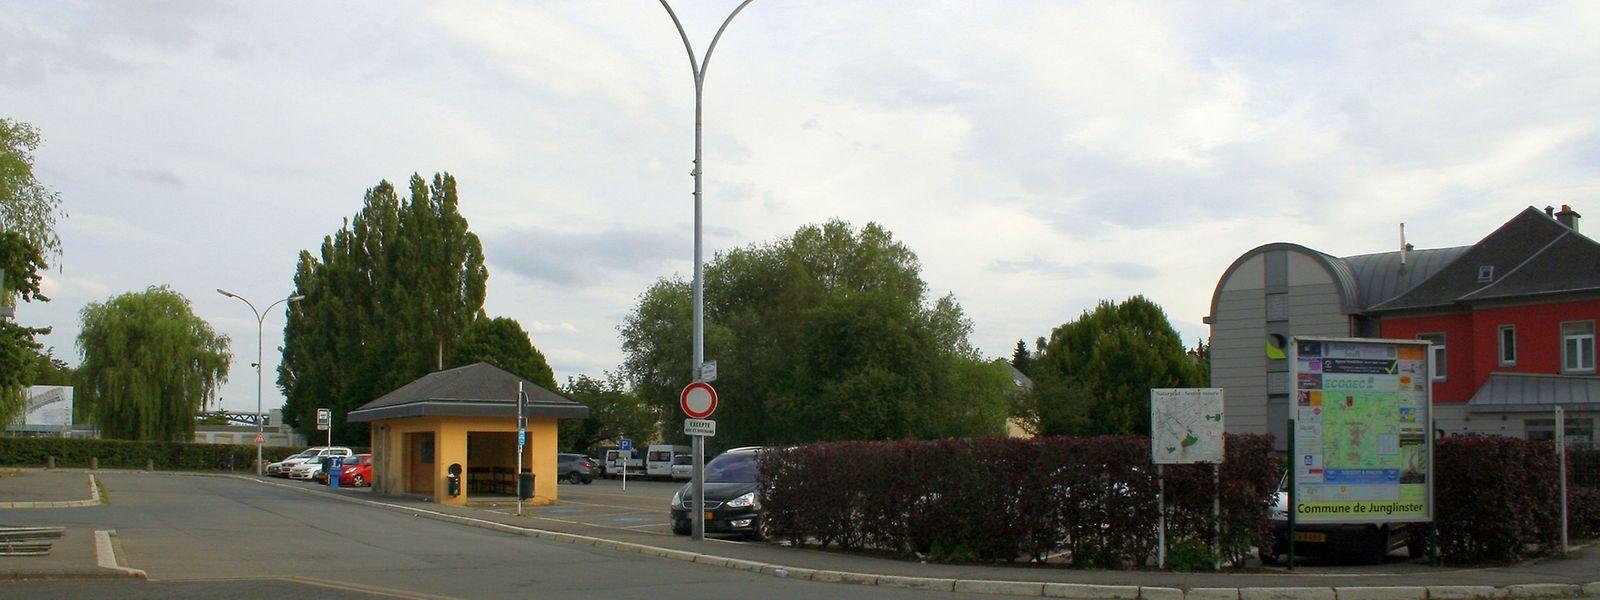 Der Busbahnhof wird aus dem Landschaftsbild verschwinden, anstelle kommen Wohnungen, Geschäfte und ein Park.